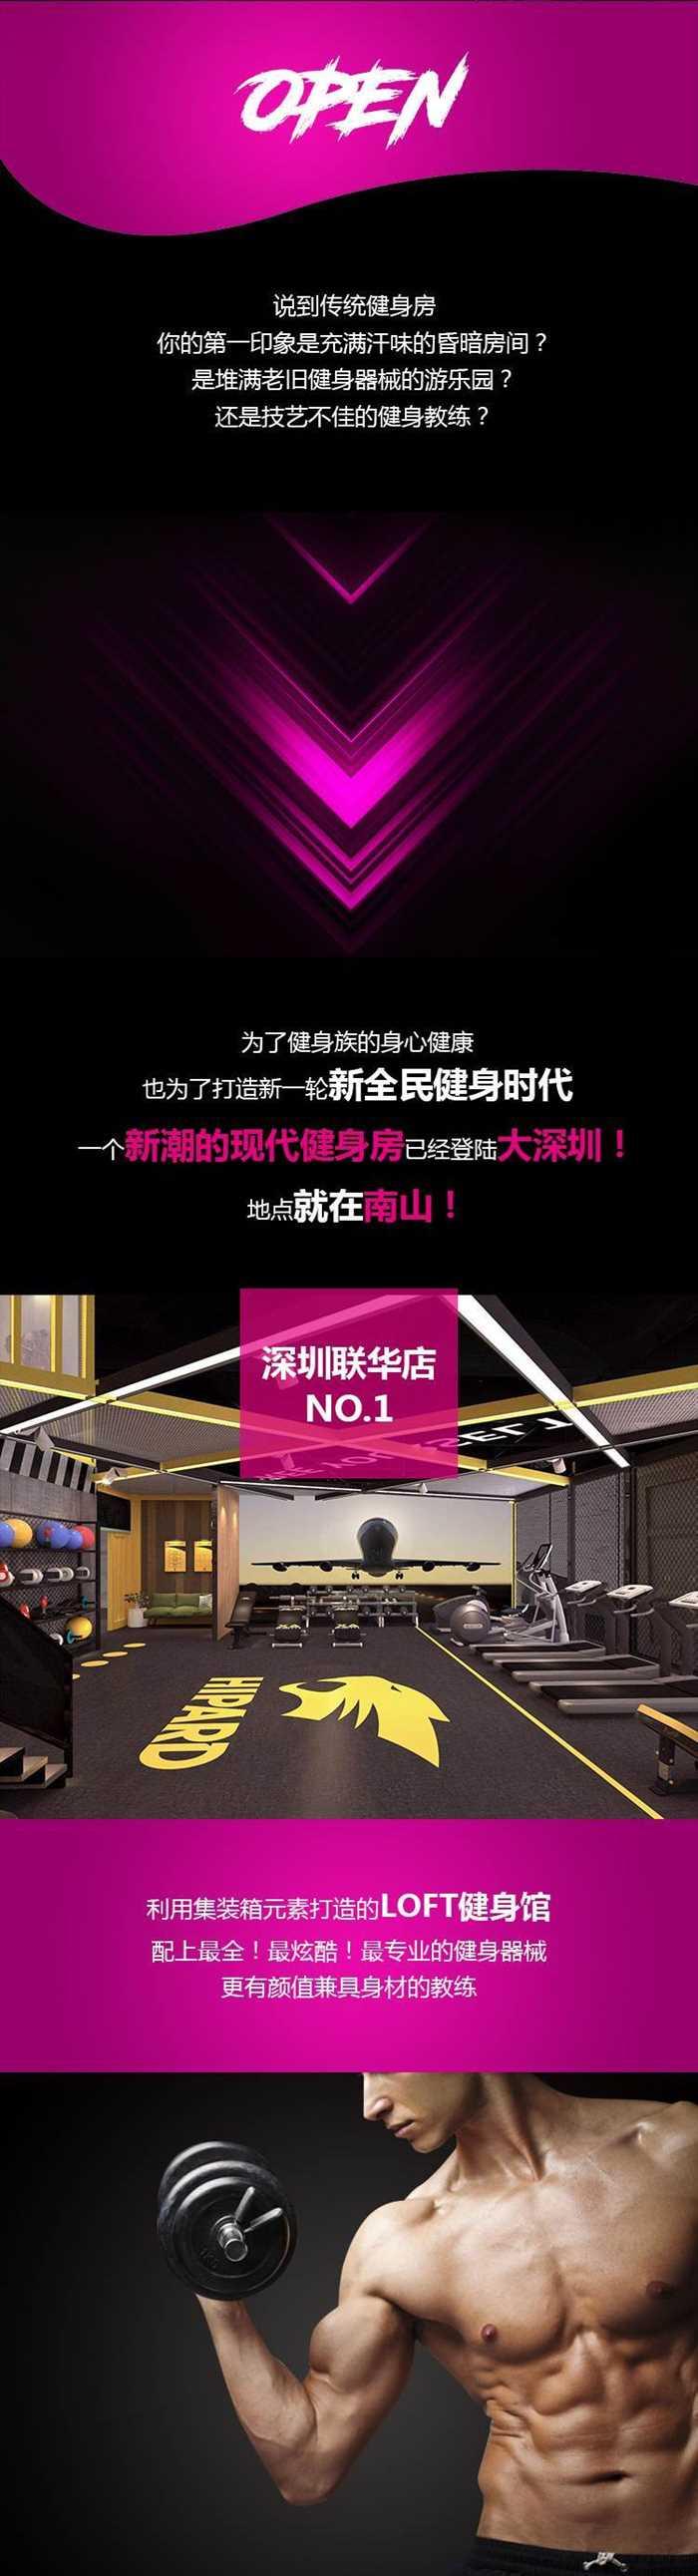 深圳联华活动行内文02.jpg